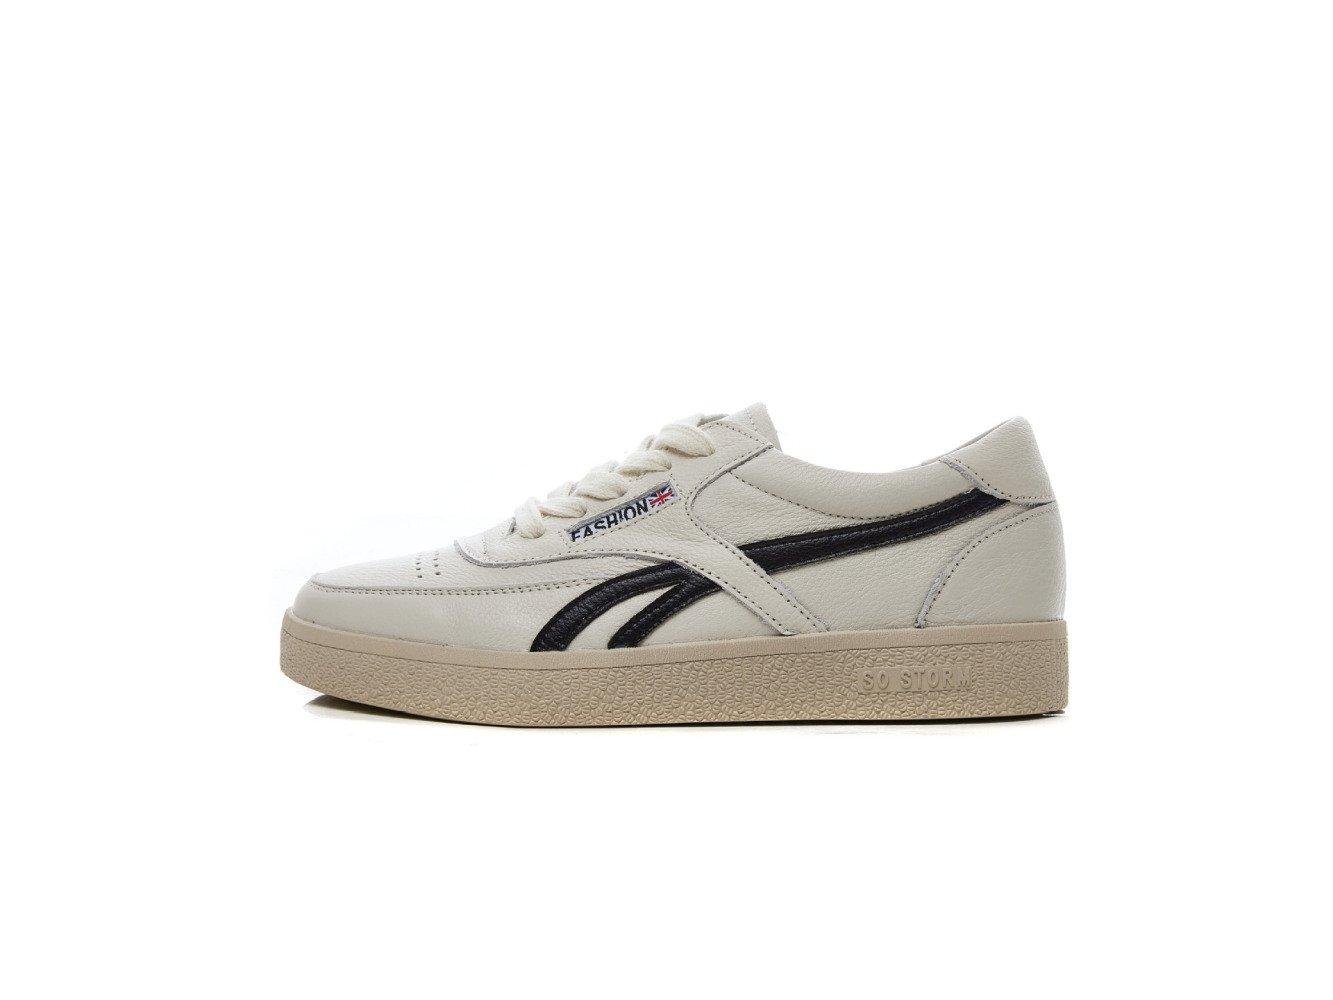 SBL SBL SBL Kleine weiße Schuhe Arbeiten Frauen Schuhe beiläufige Leder Plattform Sport Schuhe Vorne Schnürschuhe Damenschuhe,Schwarz,37 04fbe2